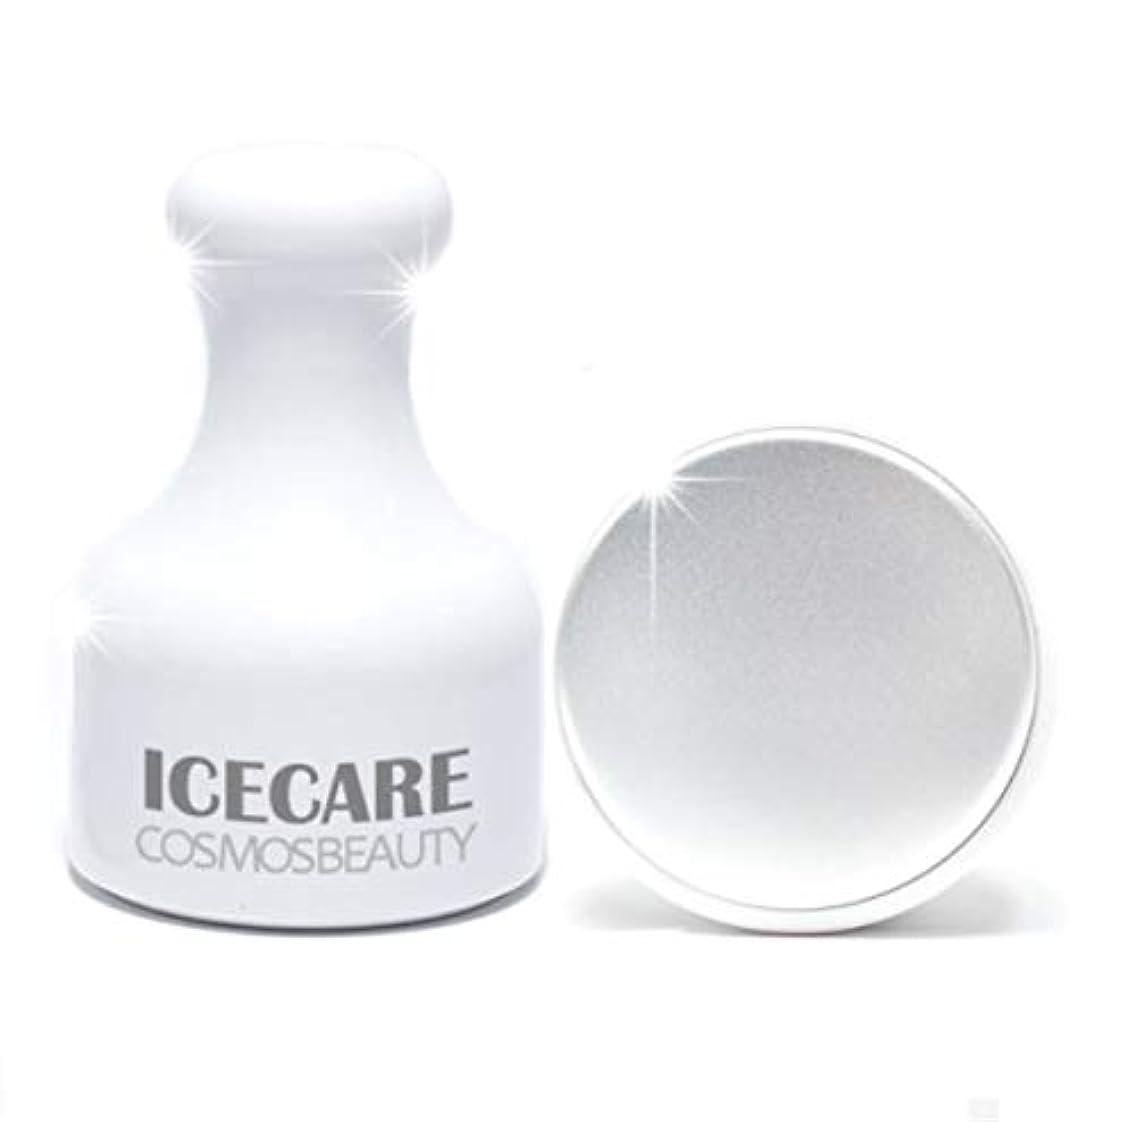 太い緩やかな学習Cosmosbeauty Ice Care 毛穴ケア、冷マッサージ,フェイスクーラーアイスローラーフェイスローラー顔マッサージ機構の腫れ抜き方法毛穴縮小(海外直送品)